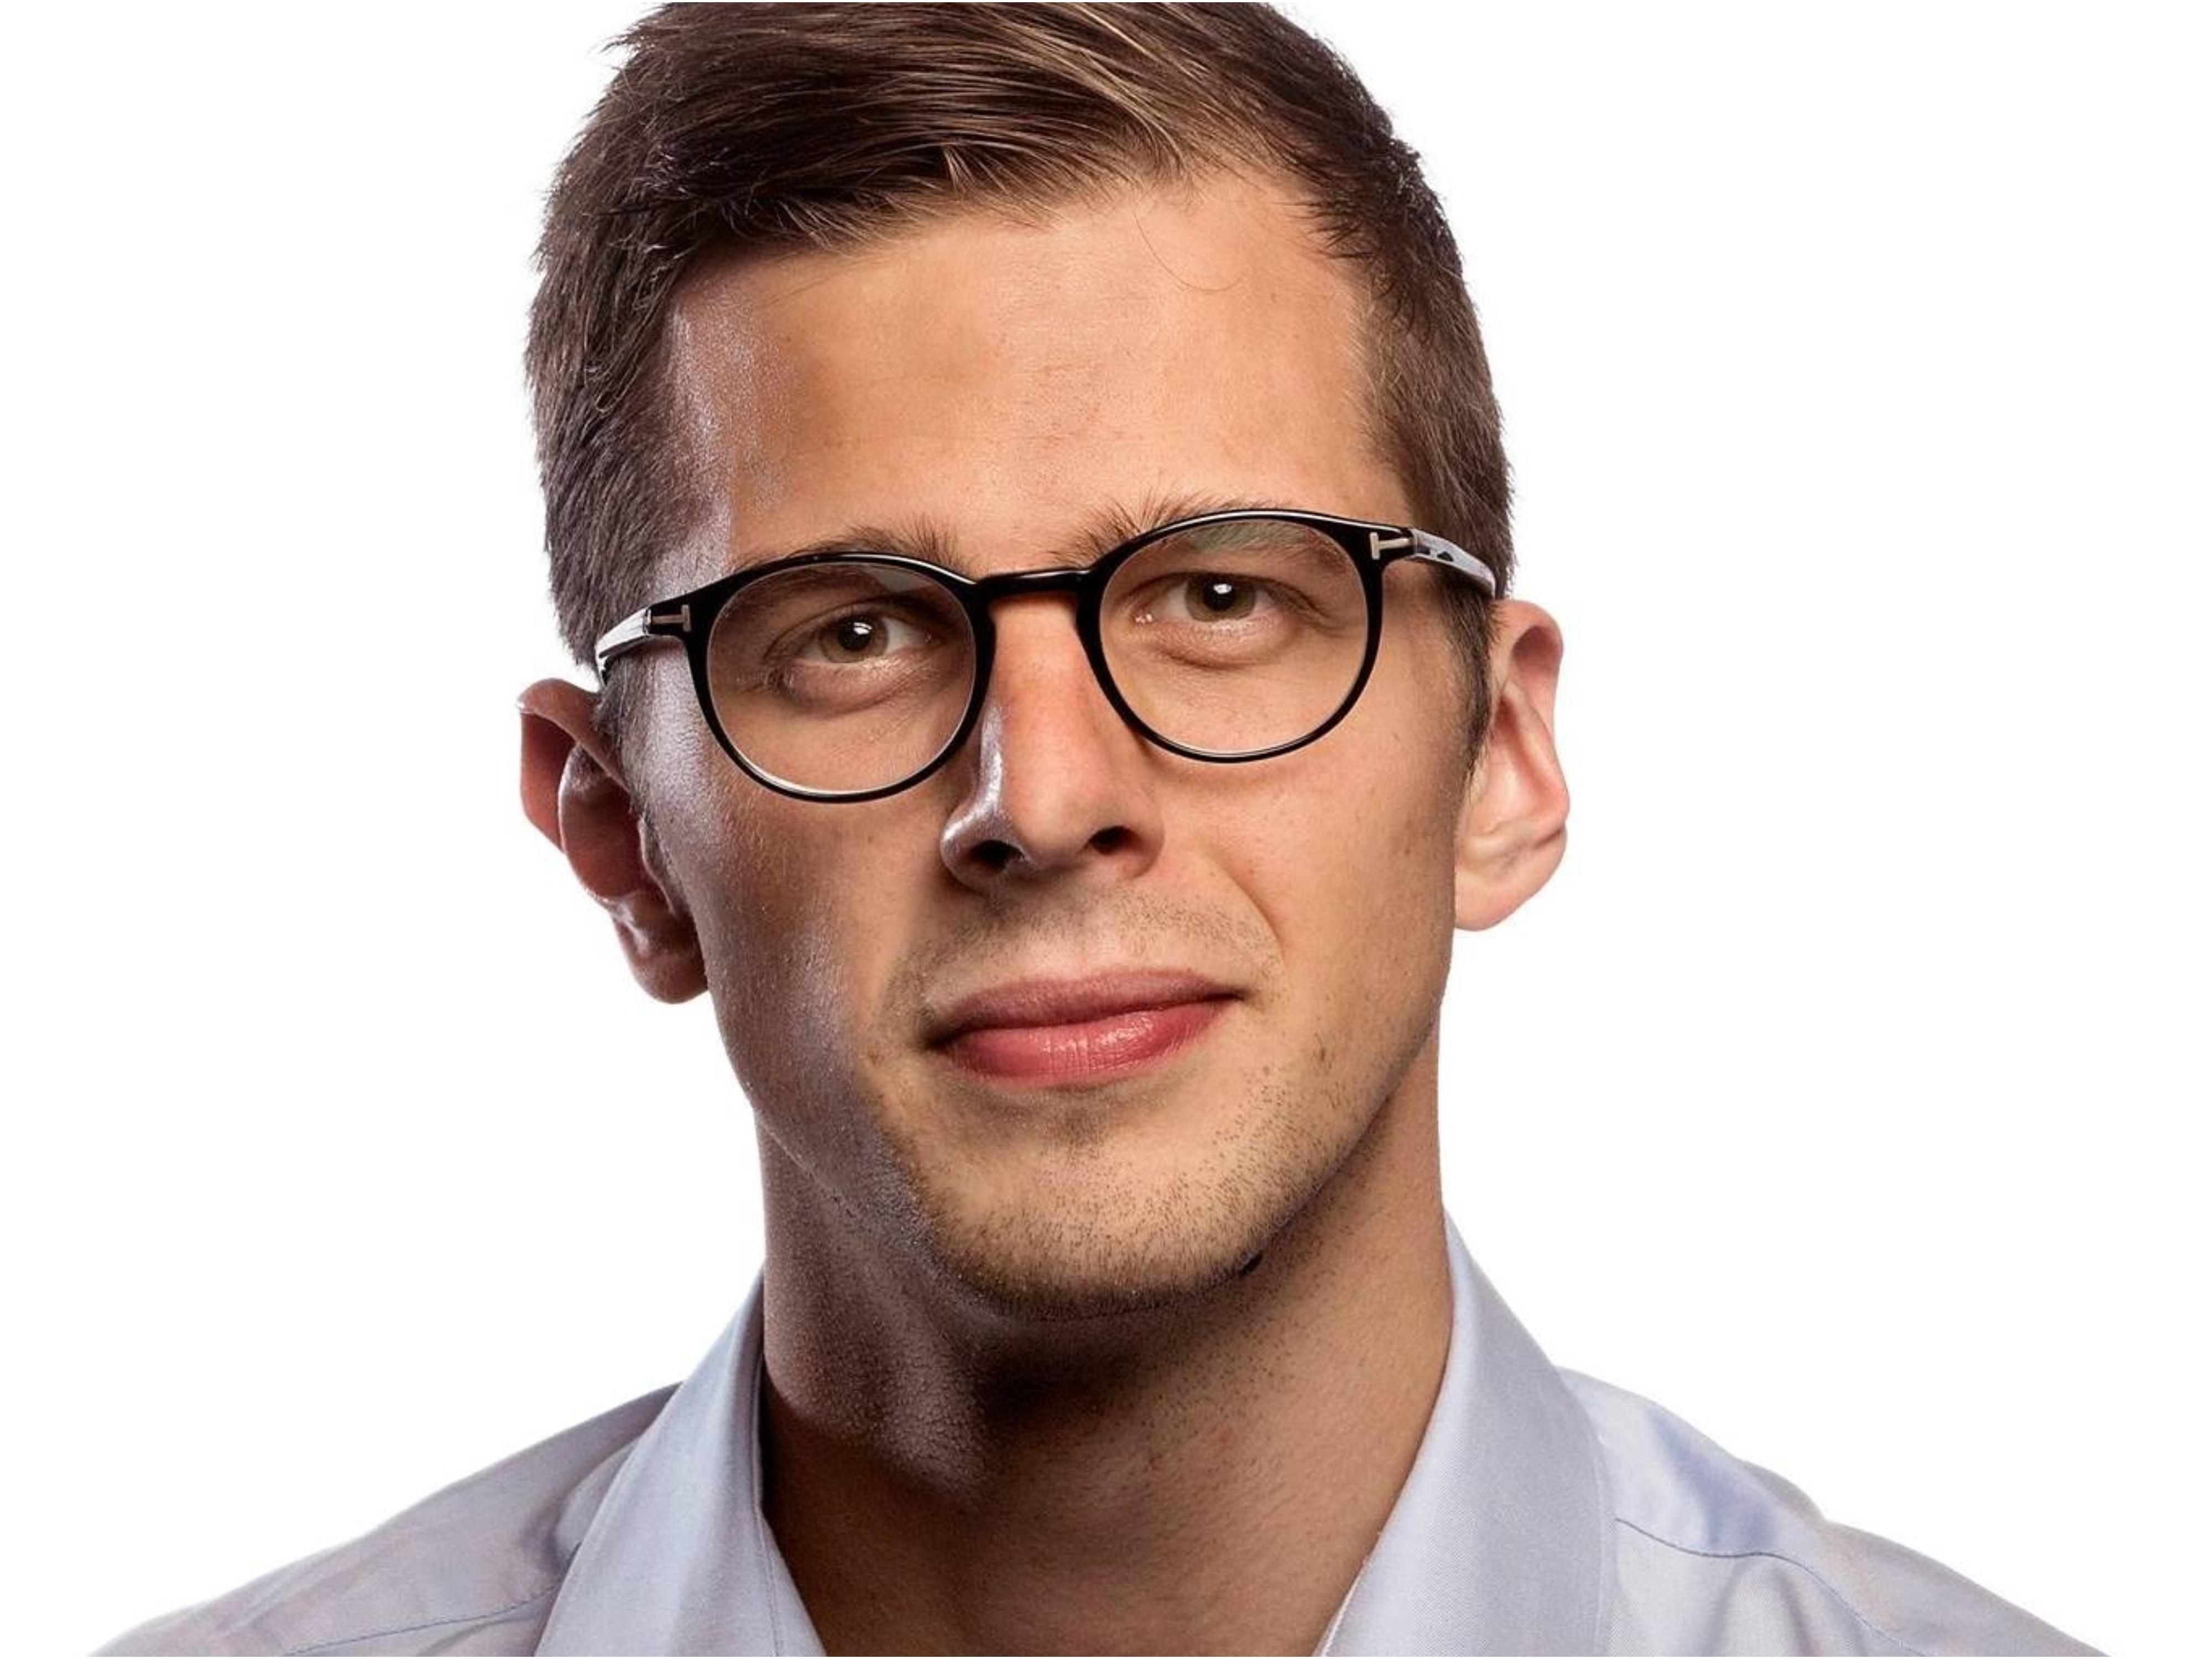 Alex Vanopslagh (LA) om V-kampagne: Strategien trækker spor til VKO i nullerne, som var en decideret borgerlig katastrofe